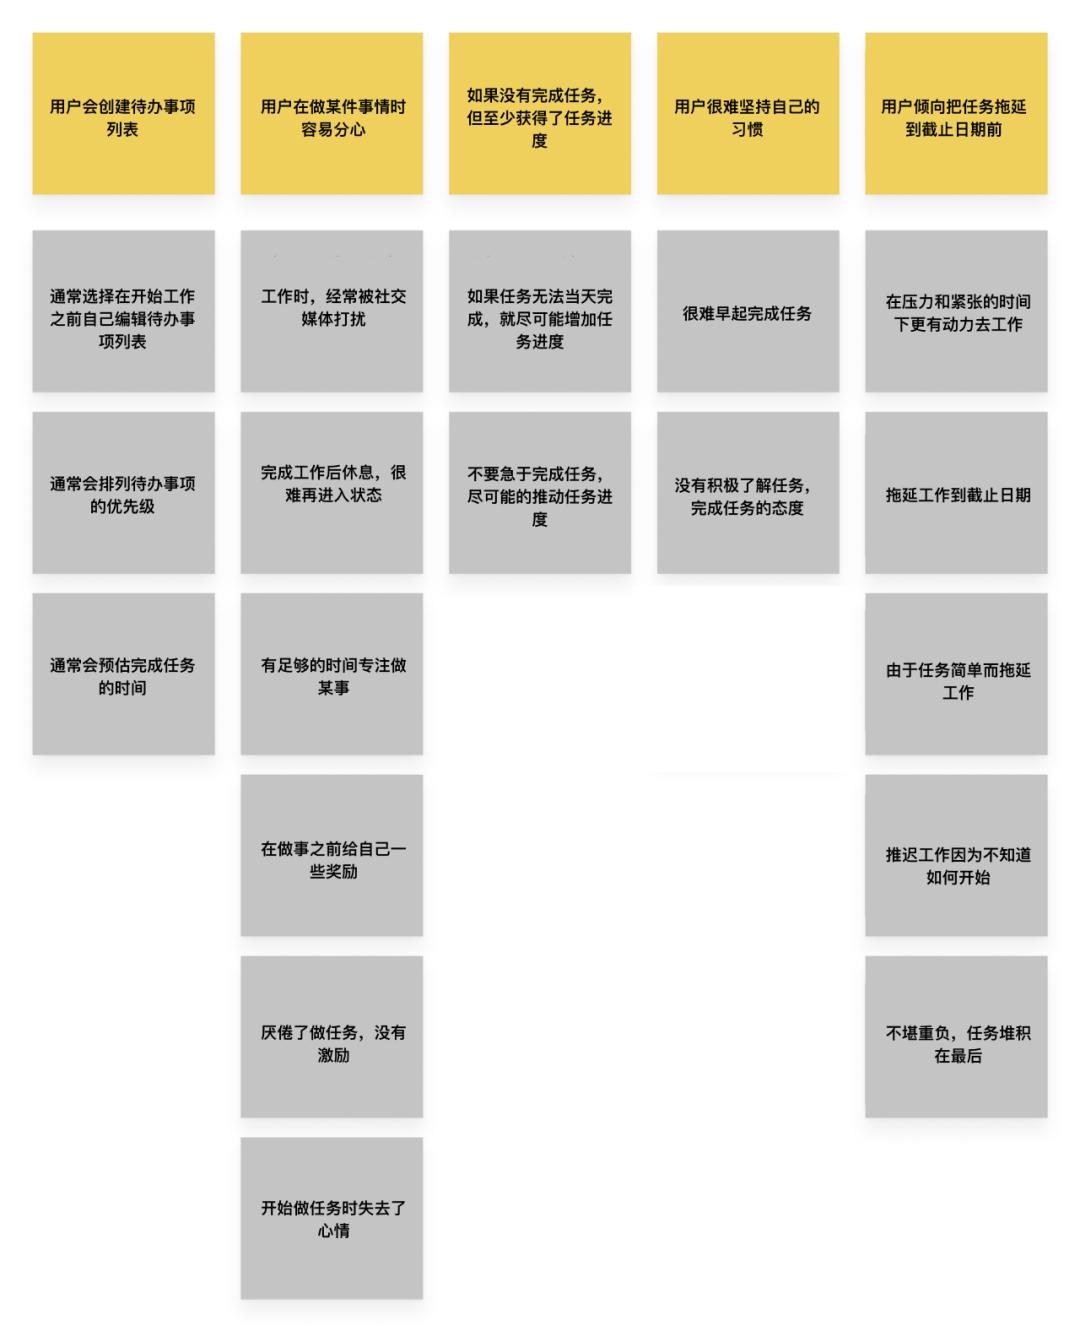 案例研究 如何设计一款实用的时间管理 APP